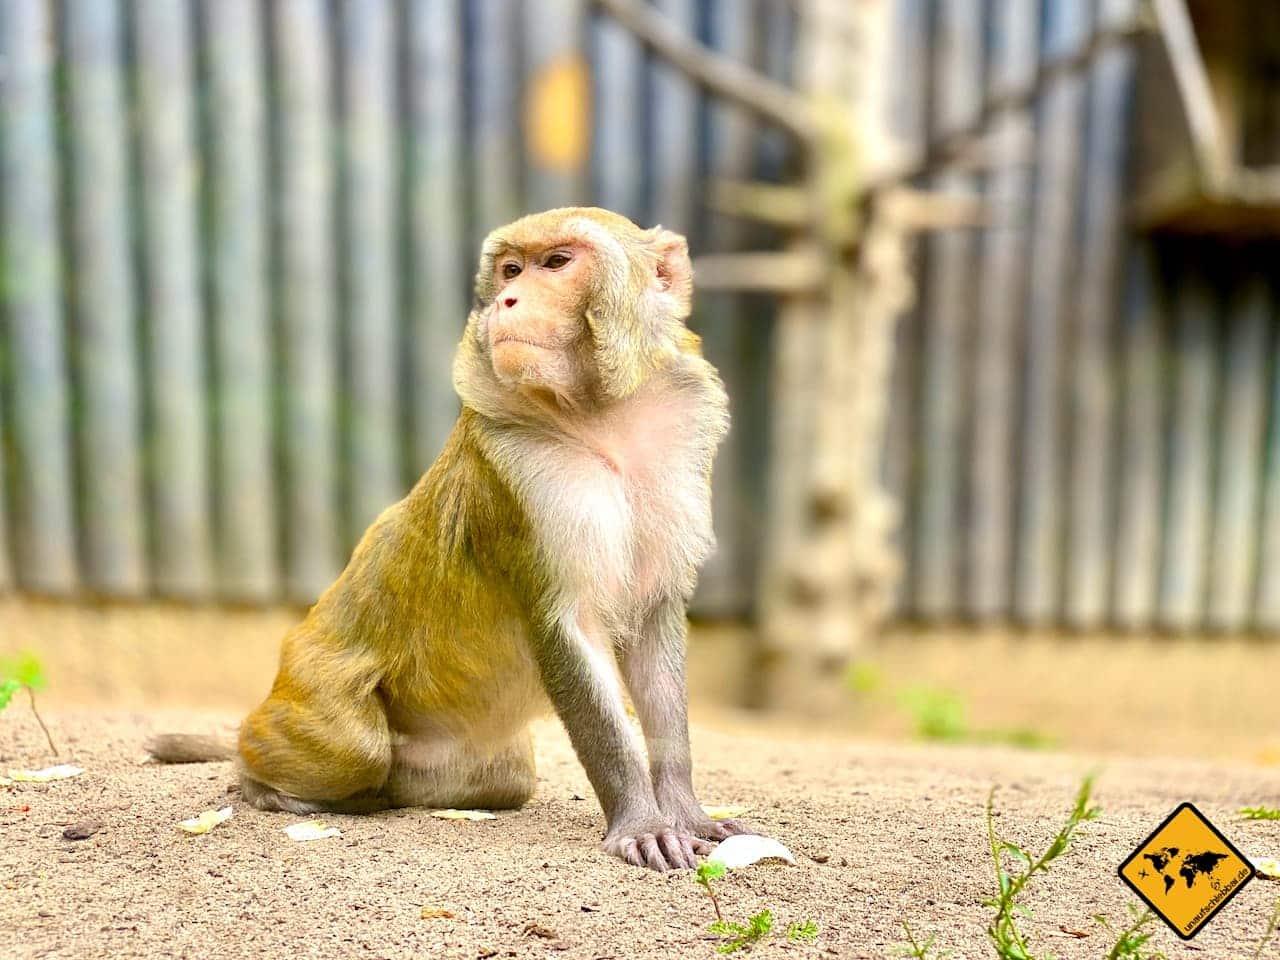 Affe Tierpark Riesa Landkreis Meißen